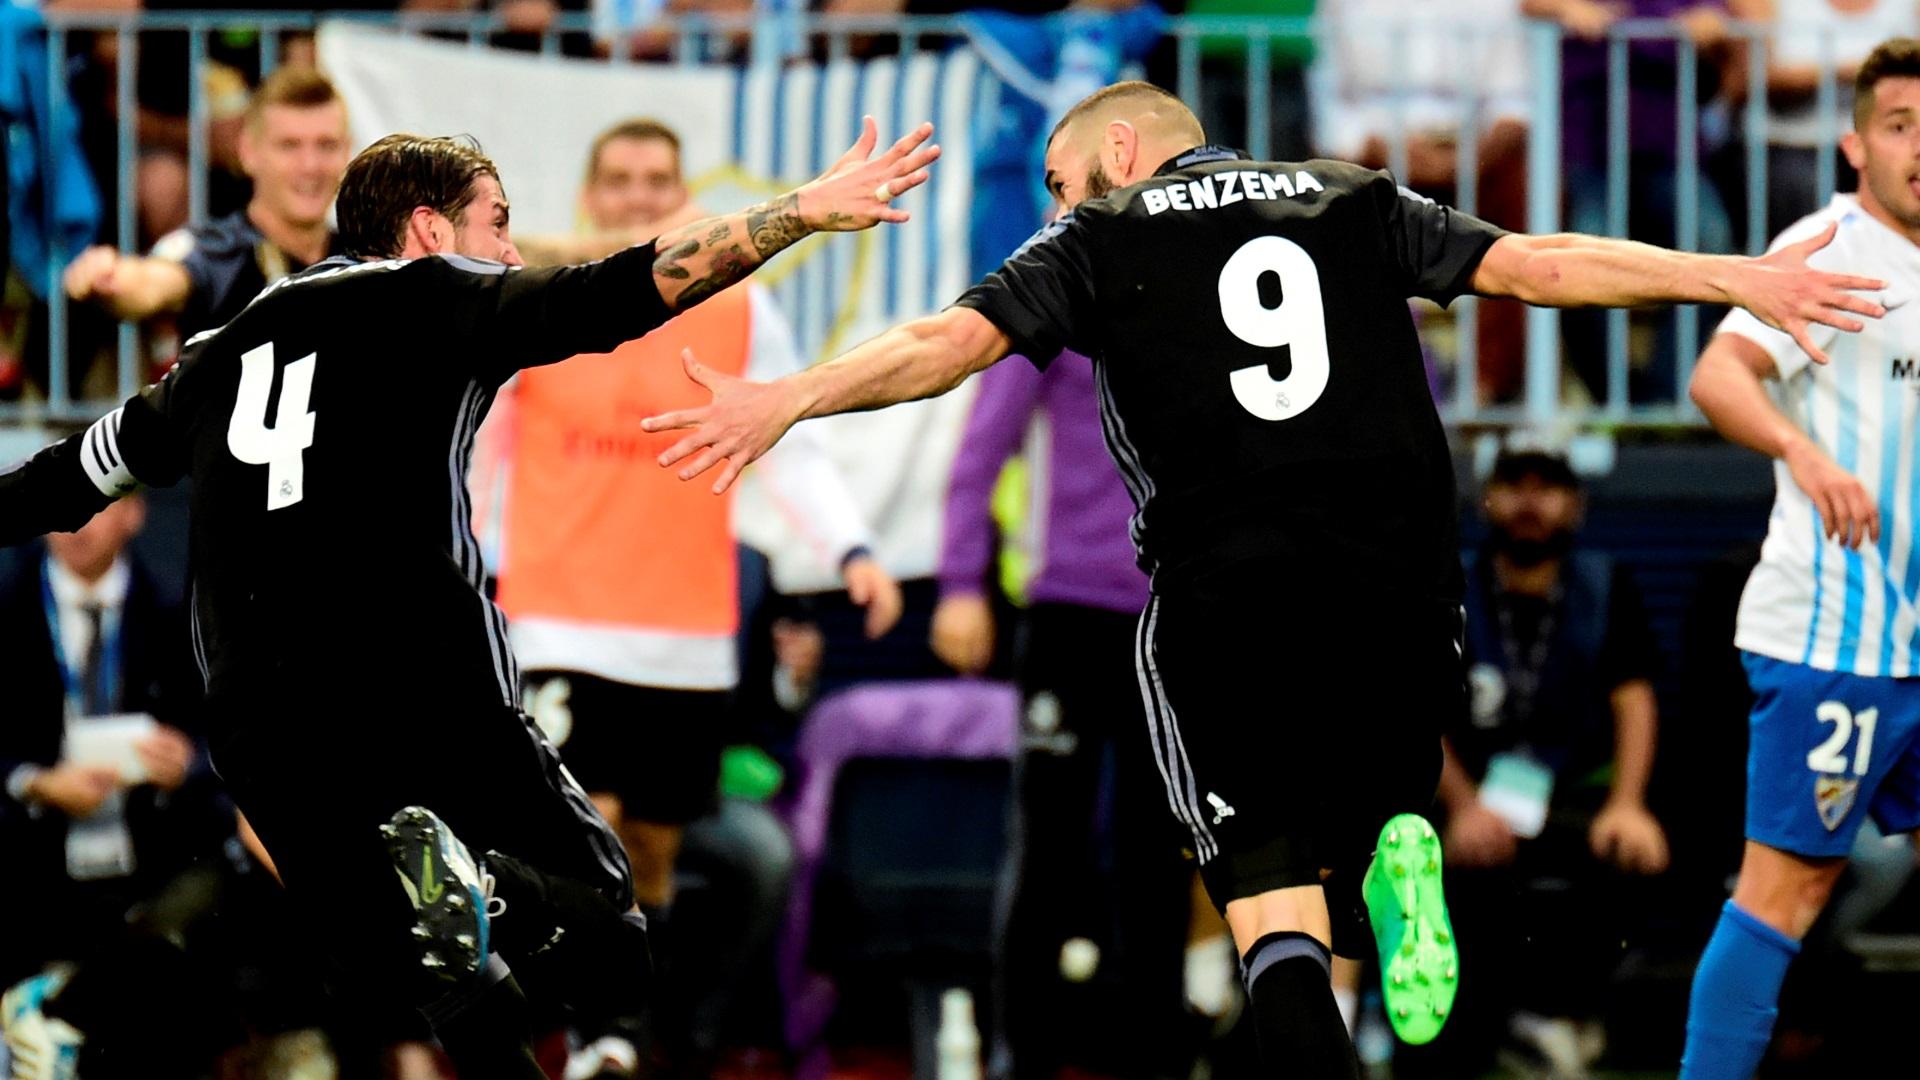 Finale di Champions League Juventus-Real Madrid: maxi-schermo presso 'Ai Pini Park'